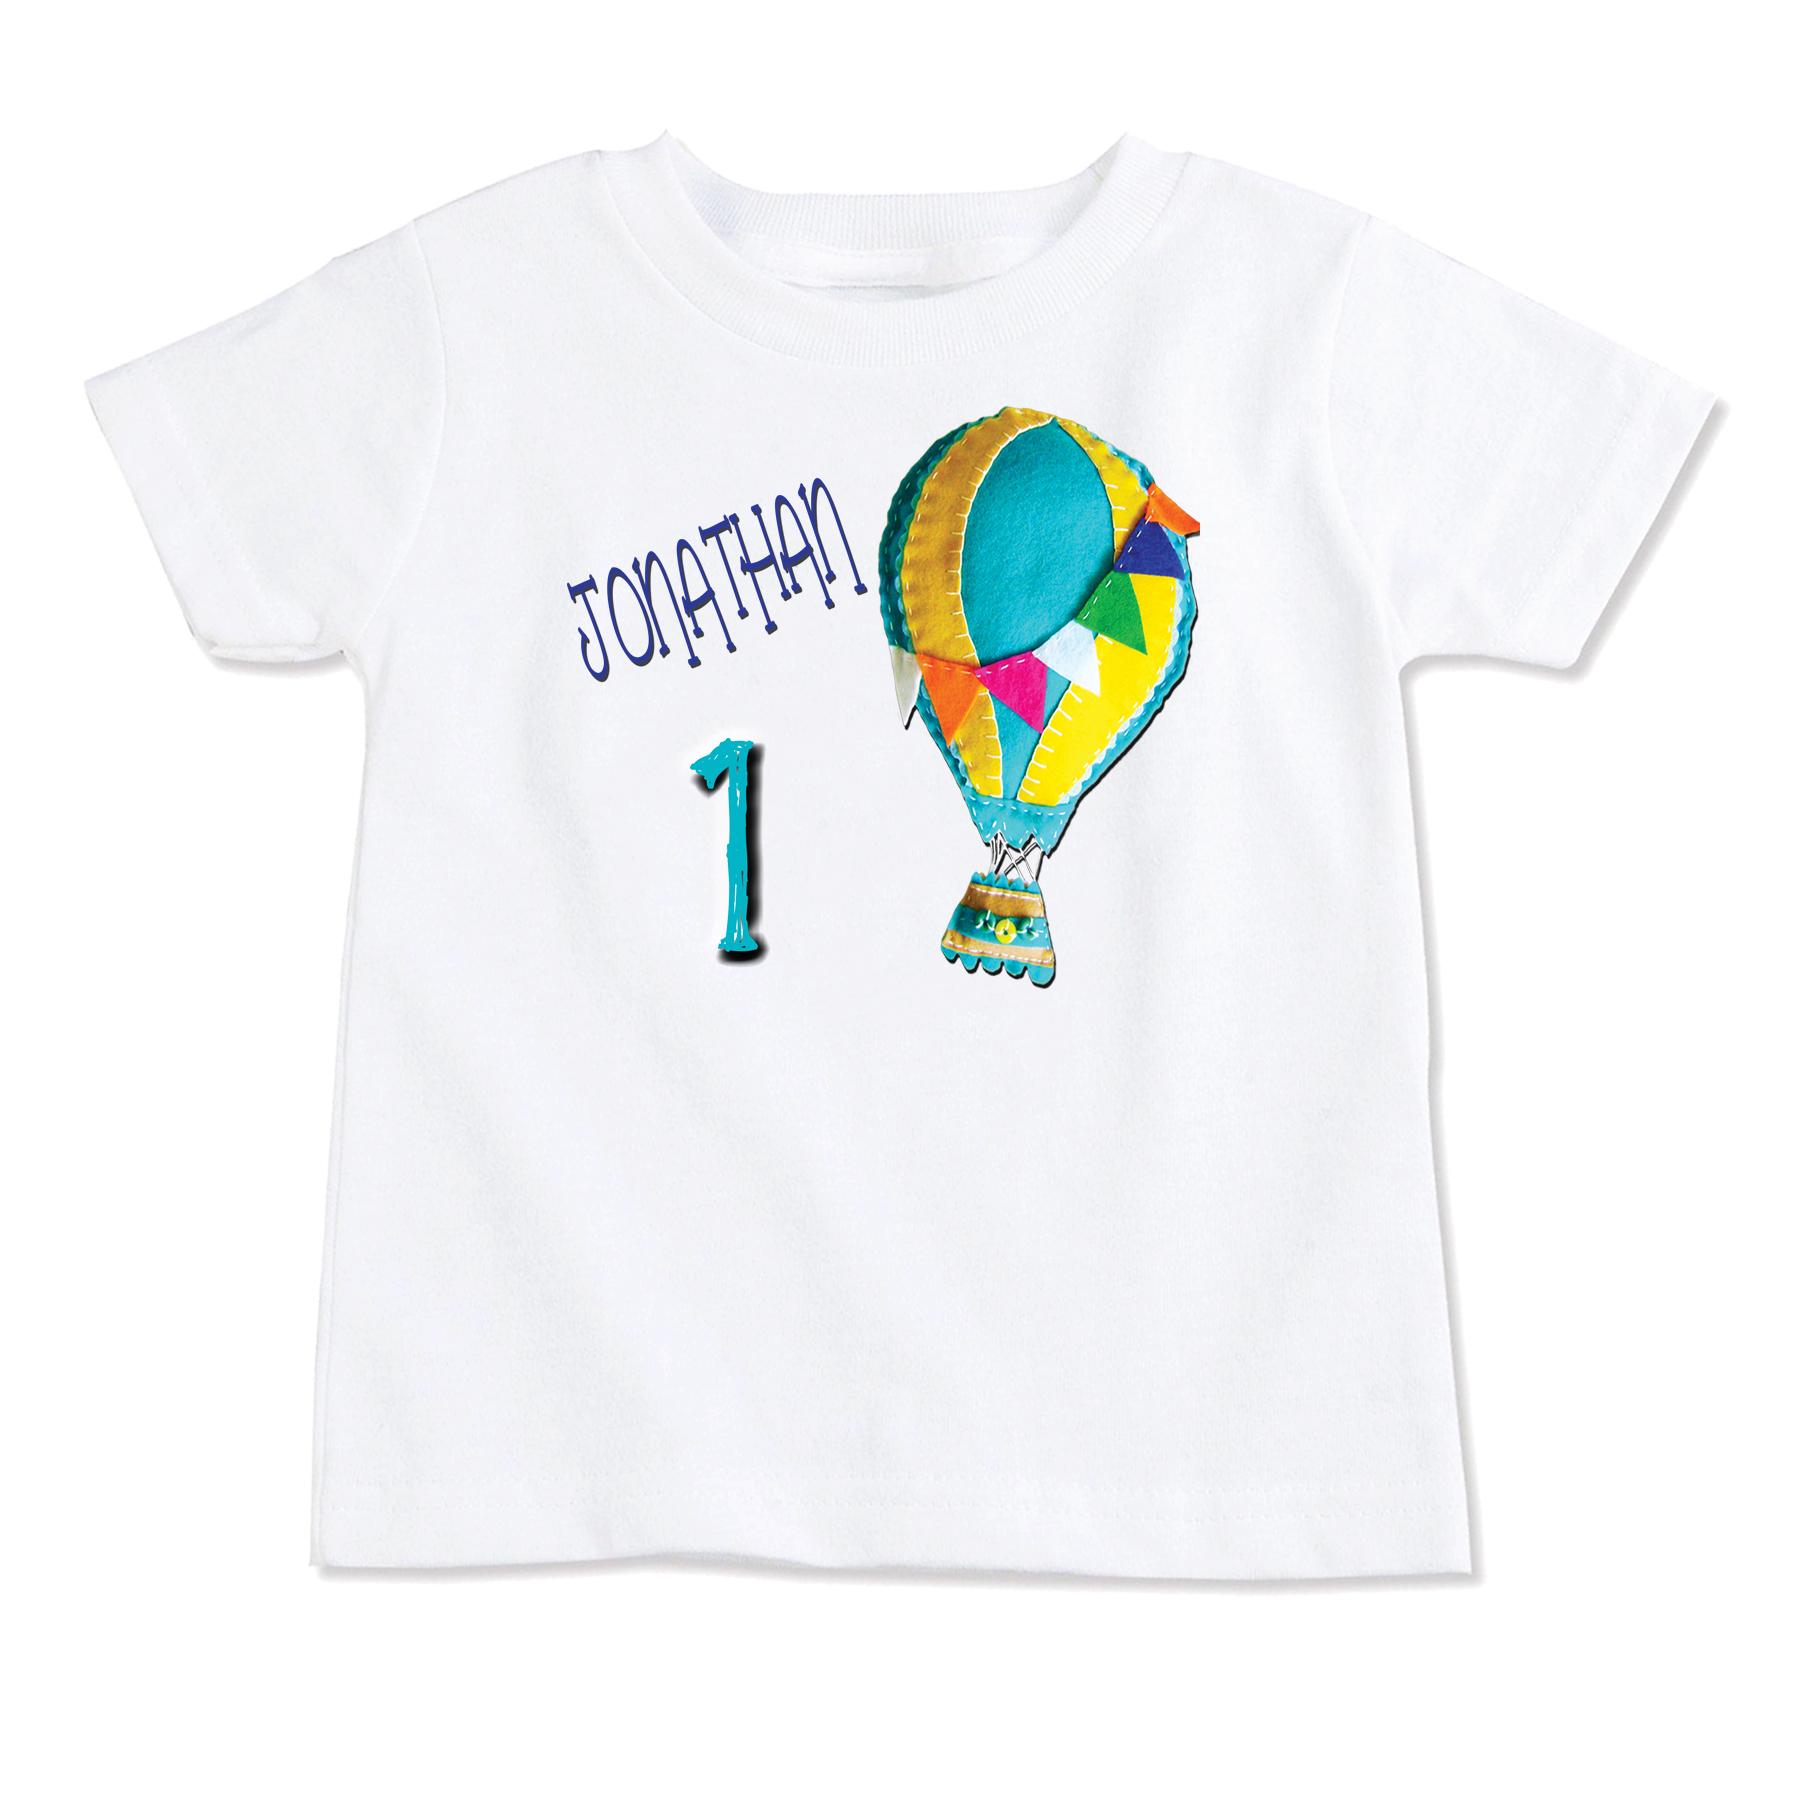 b6e2cf4b873 UP UP Away T-Shirt